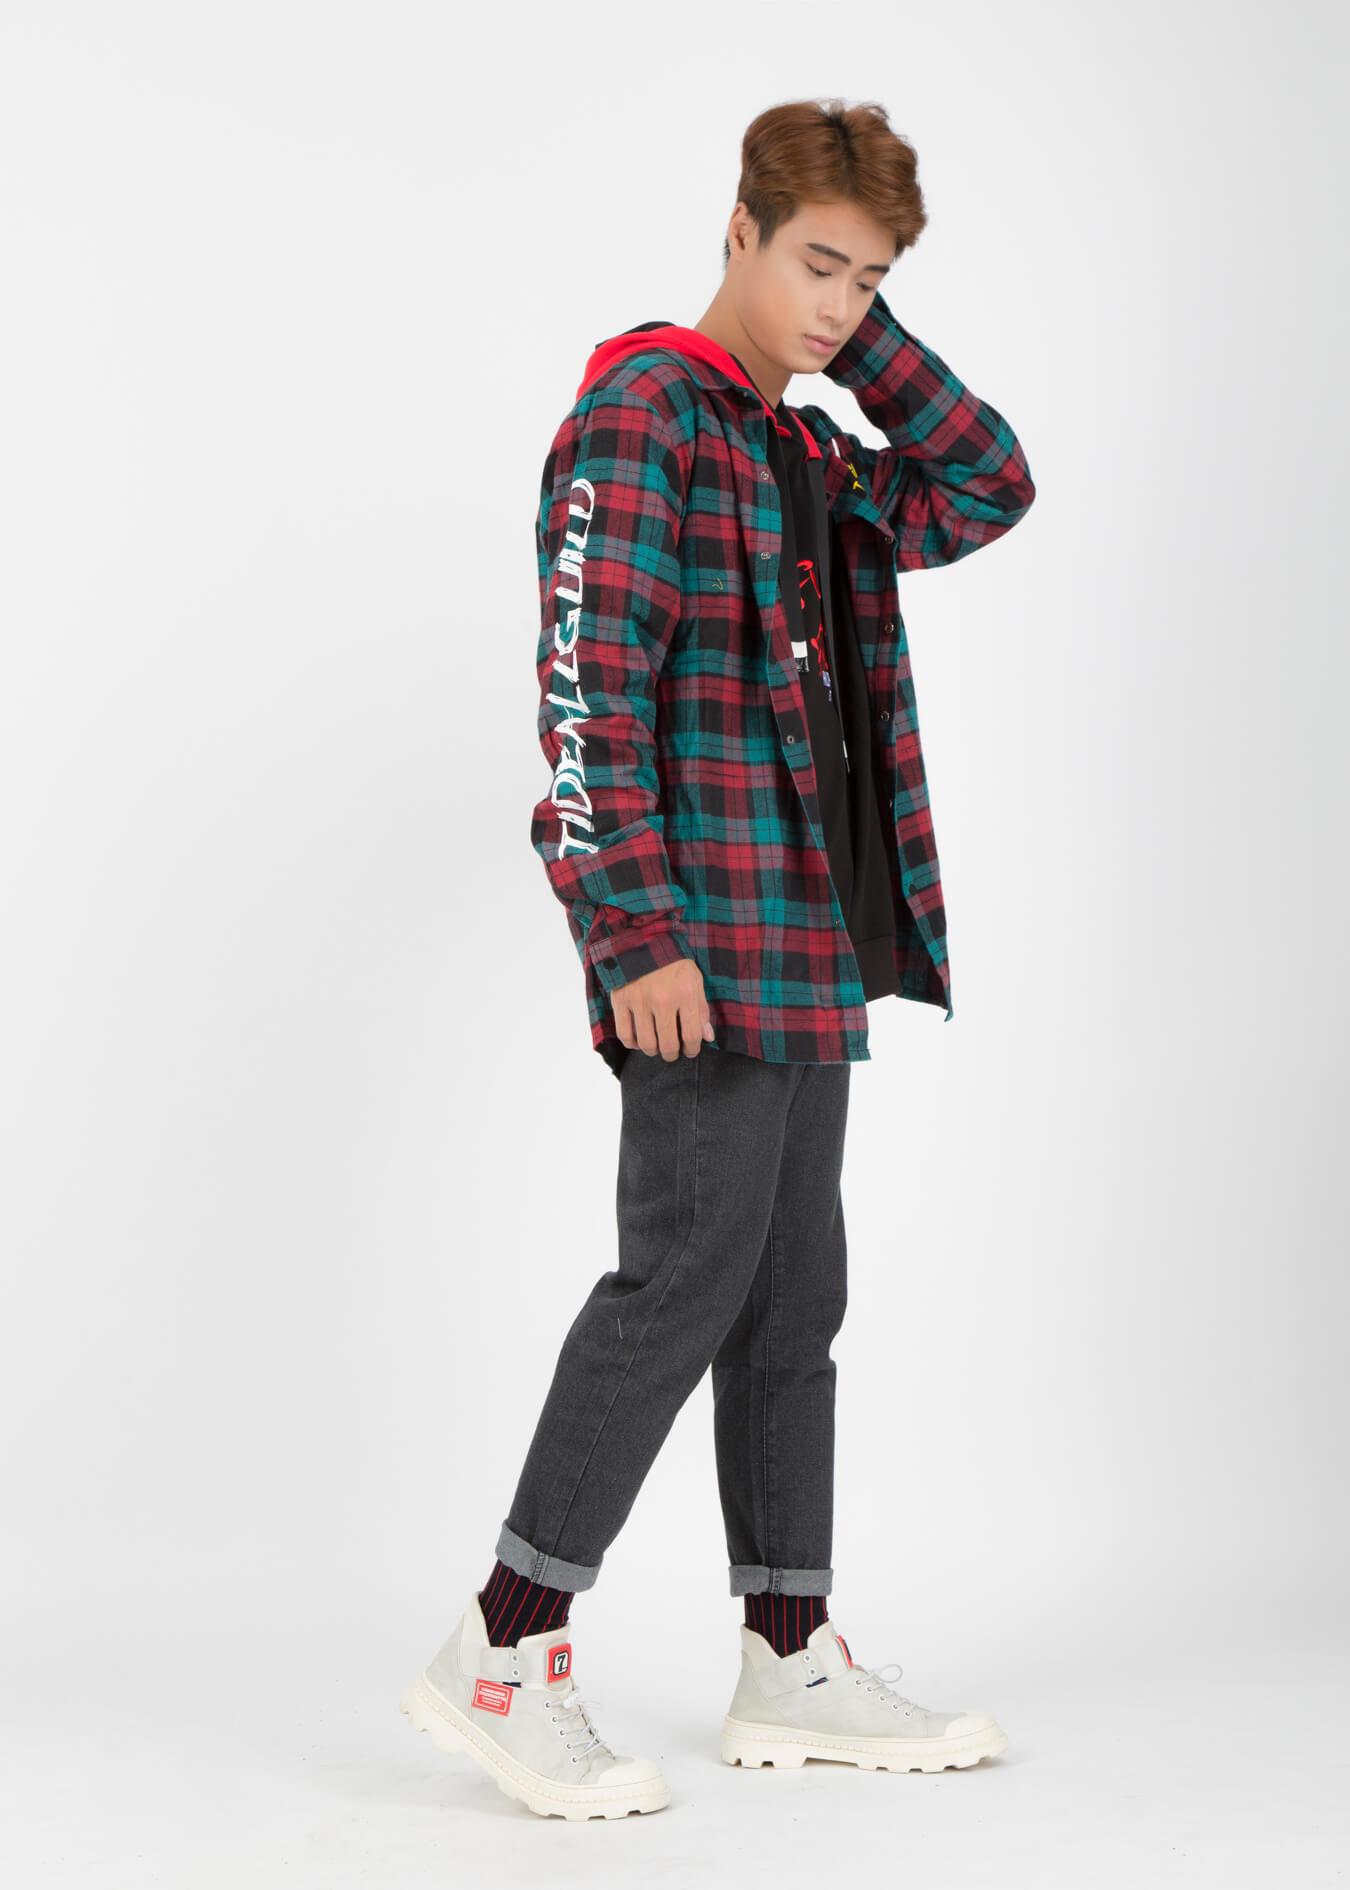 Những cách mặc áo sơ mi flannel đẹp